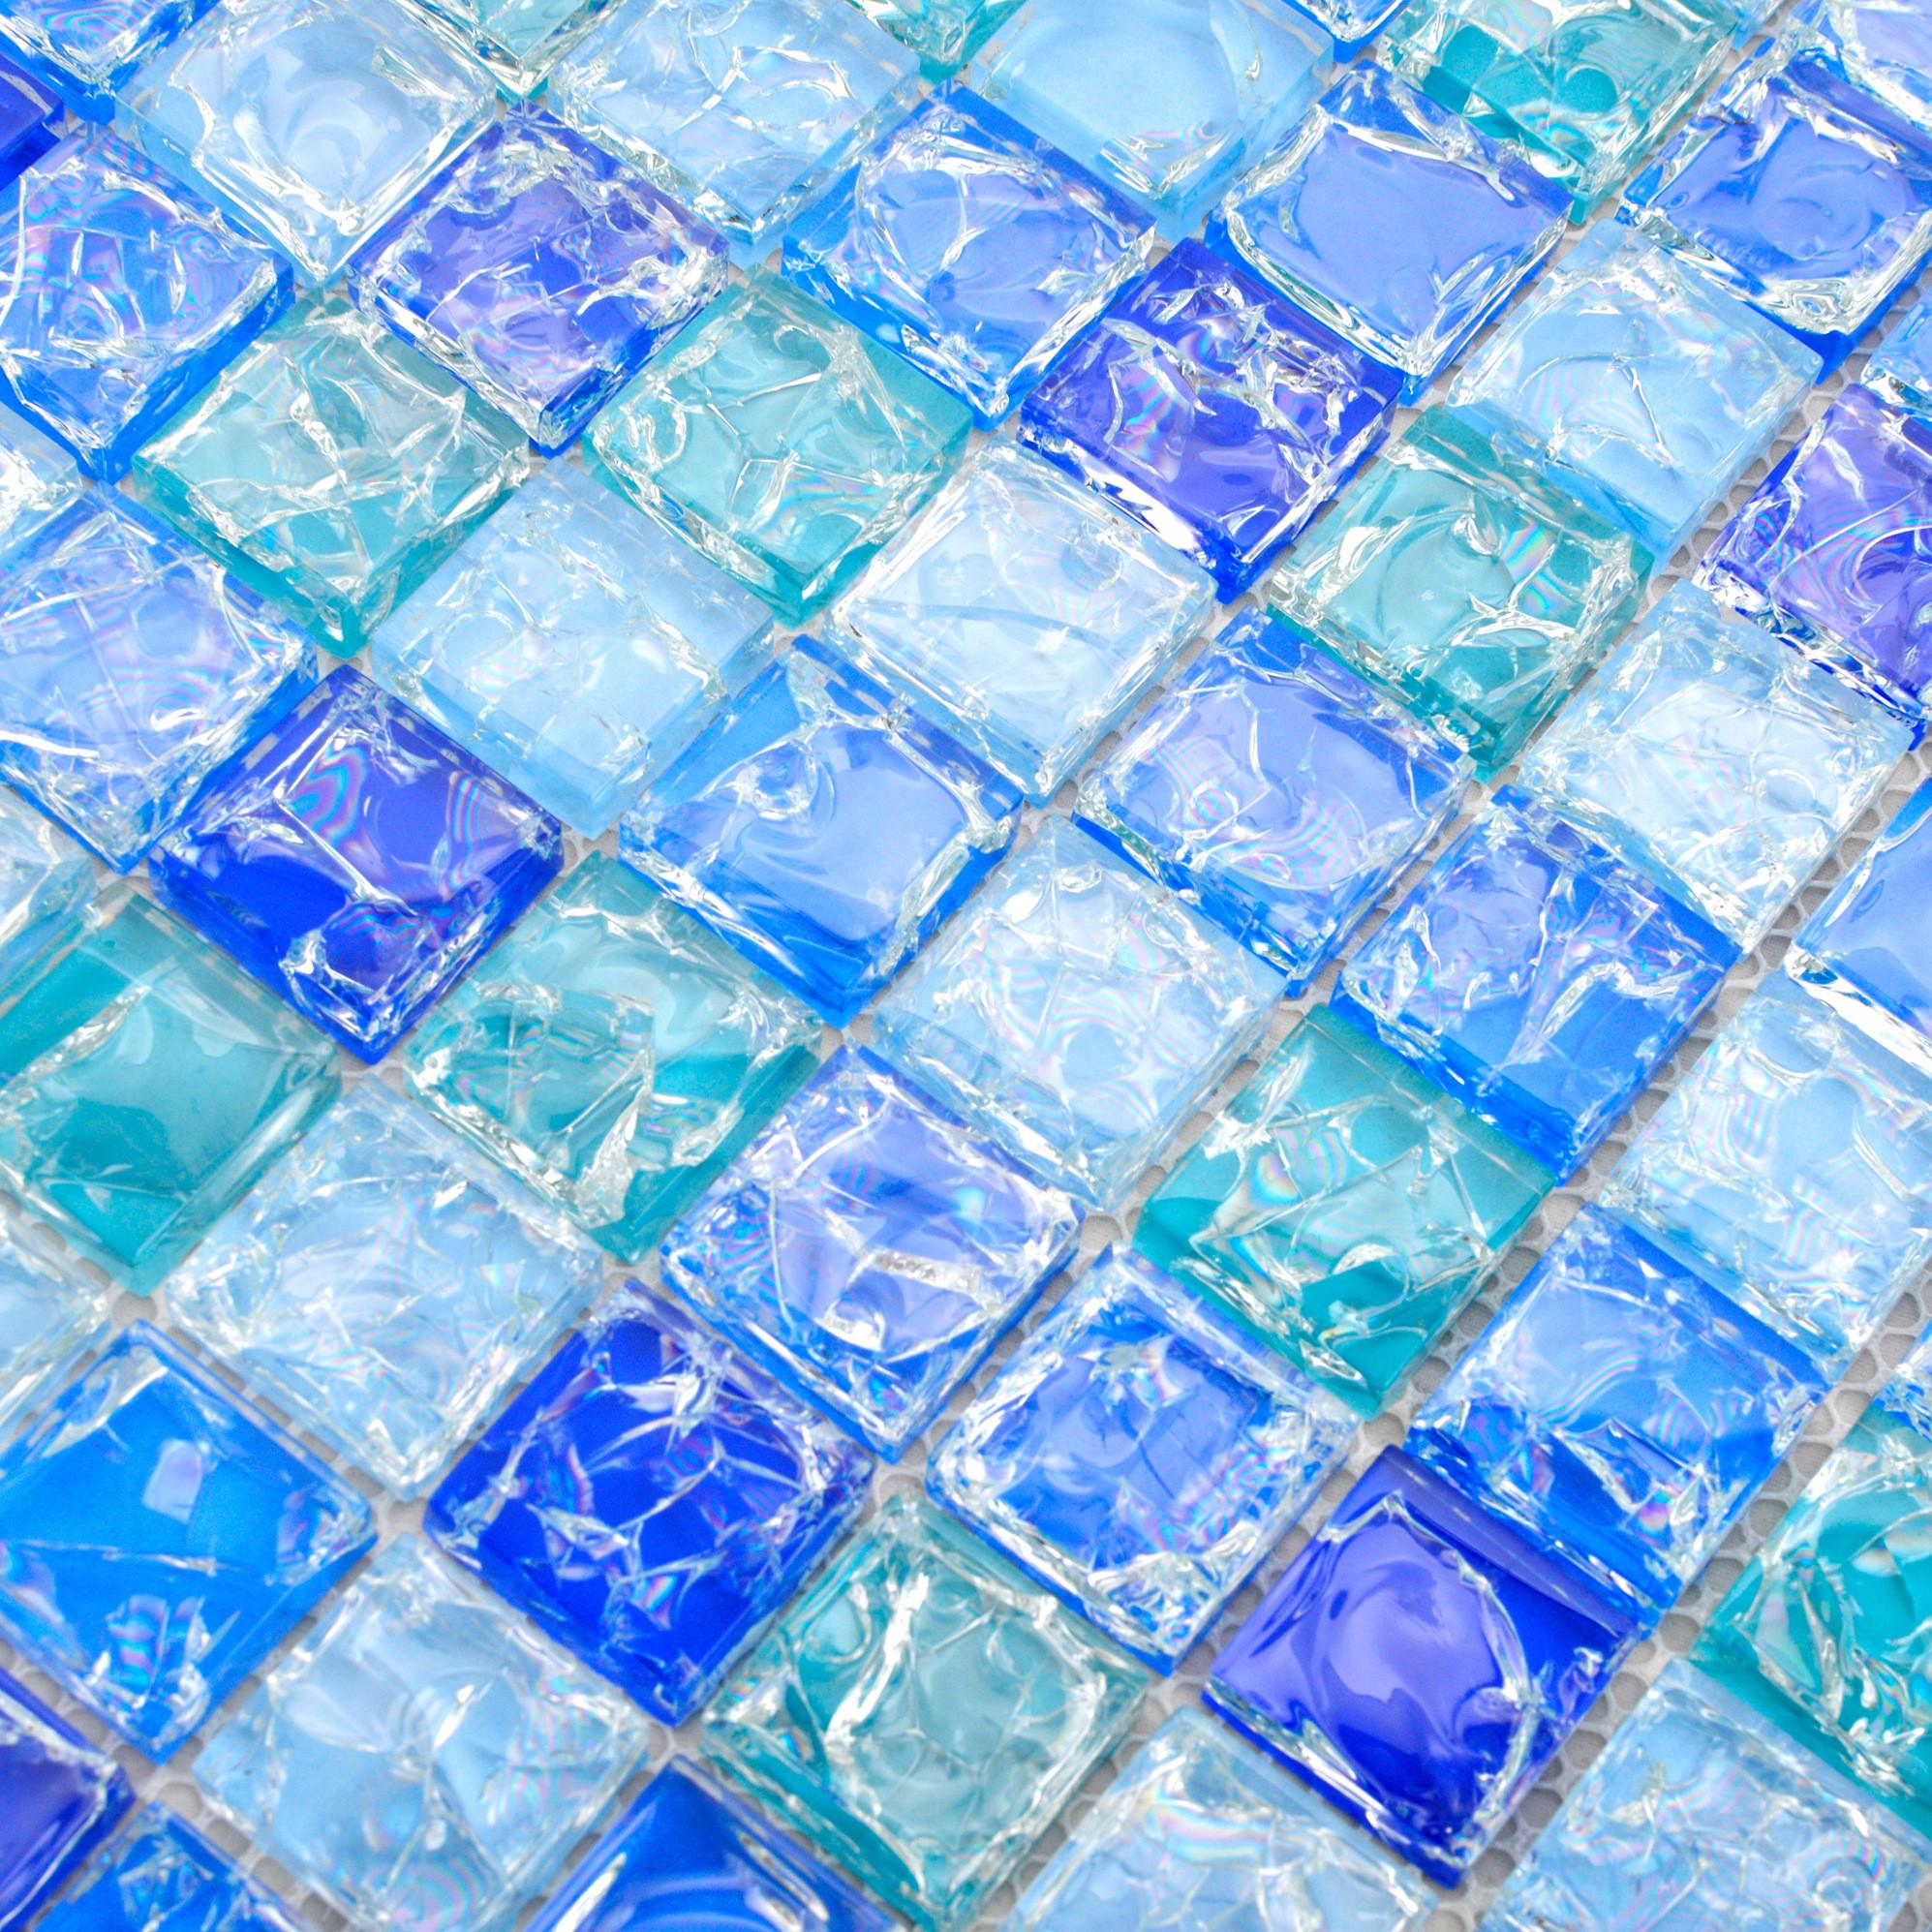 紫精灵马赛克 玻璃内墙地中海 x6025瓷砖价格,图片